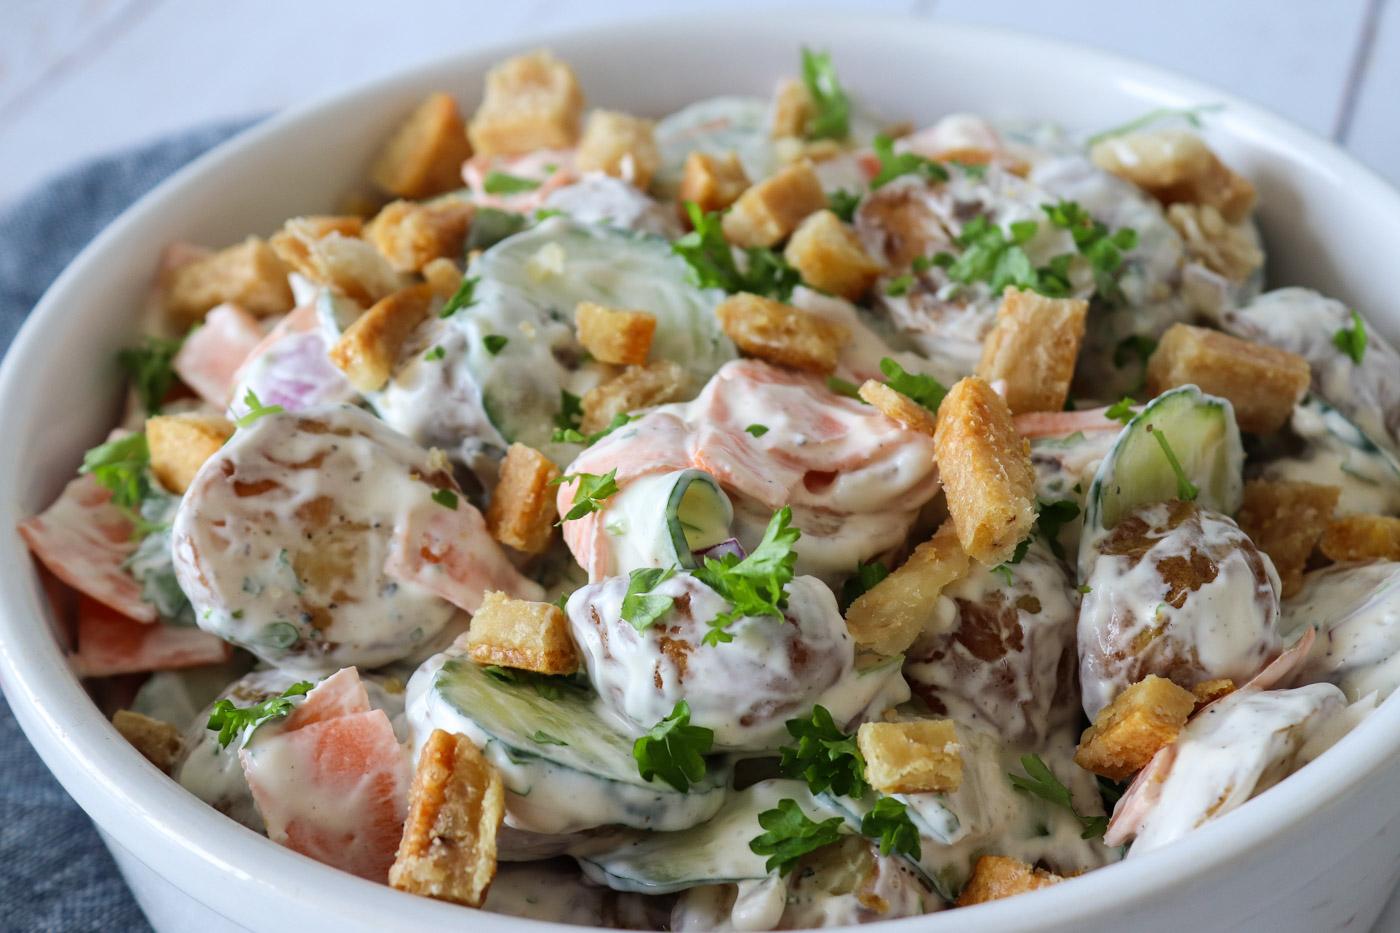 Flæskestegssandwich Inspireret Kartoffelsalat – Kartoffelsalat Med Syltede Agurker Og Hjemmelavet Flæskesvær